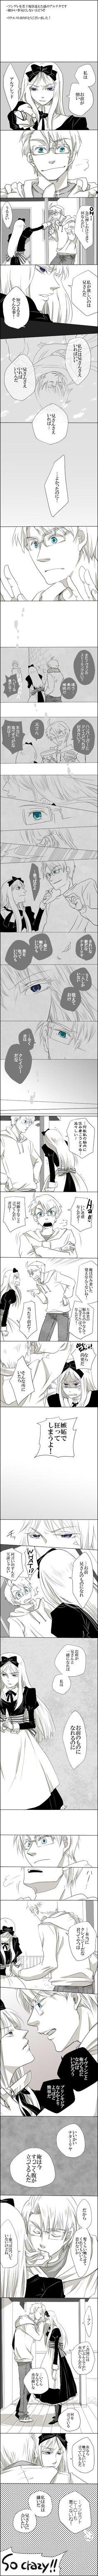 Hetalia, Sheet Music, Manga, Manga Anime, Manga Comics, Music Sheets, Manga Art